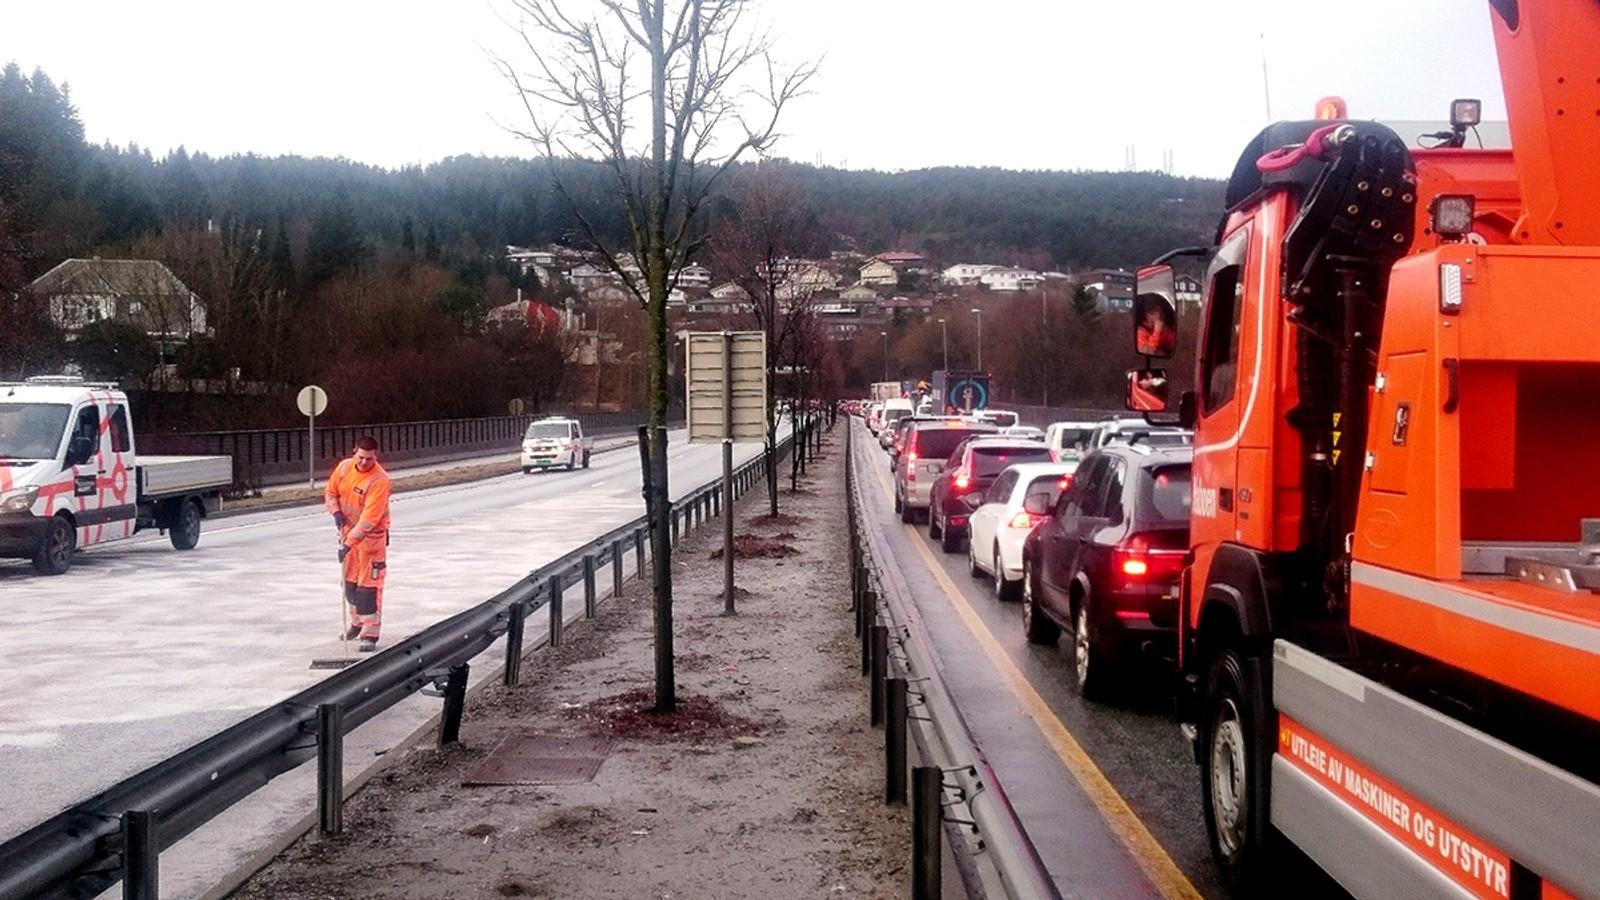 Nesten tre og en halv time etter ulykken var veien fremdeles stengt. Her skrubbes veien for oljesøl og vrakrester i 10-tiden. Samtidig hopet køen seg opp i motsatt retning, fordi all trafikk stoppet opp i Bergen sentrum.